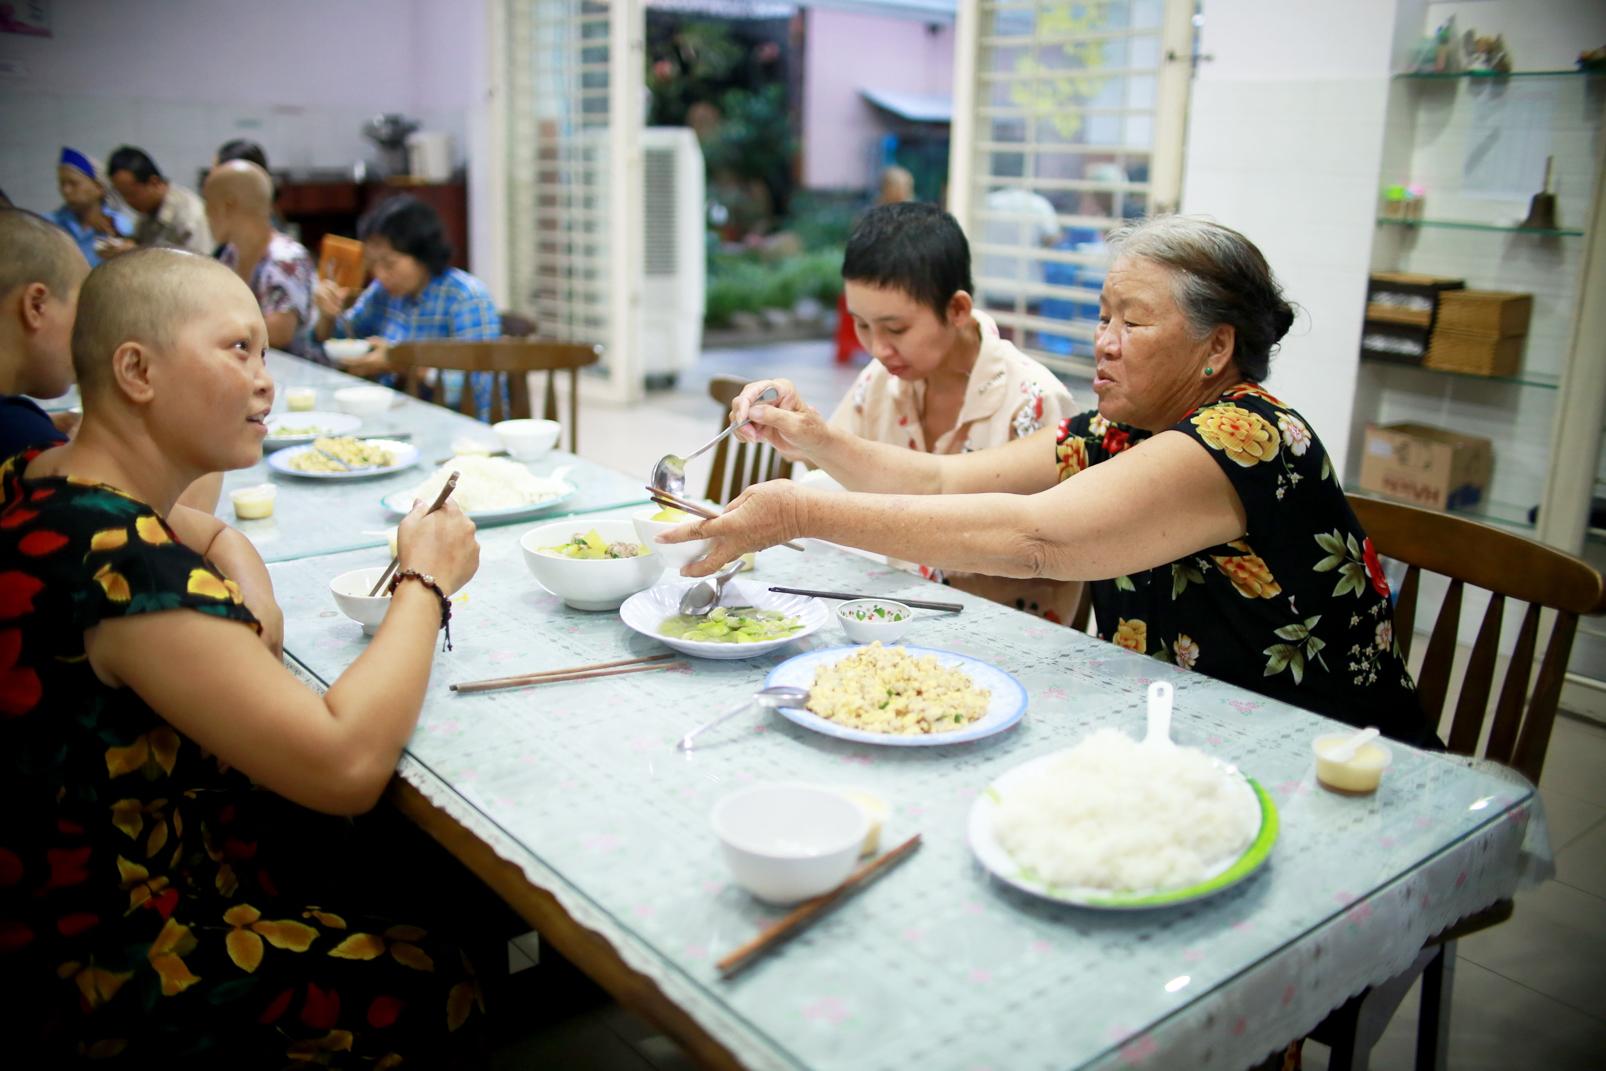 Nguyên liệu chế biến bữa ăn cho các bệnh nhân mỗi ngày phần lớn do những tấm lòng hảo tâm đóng góp - Ảnh: Thái Cường